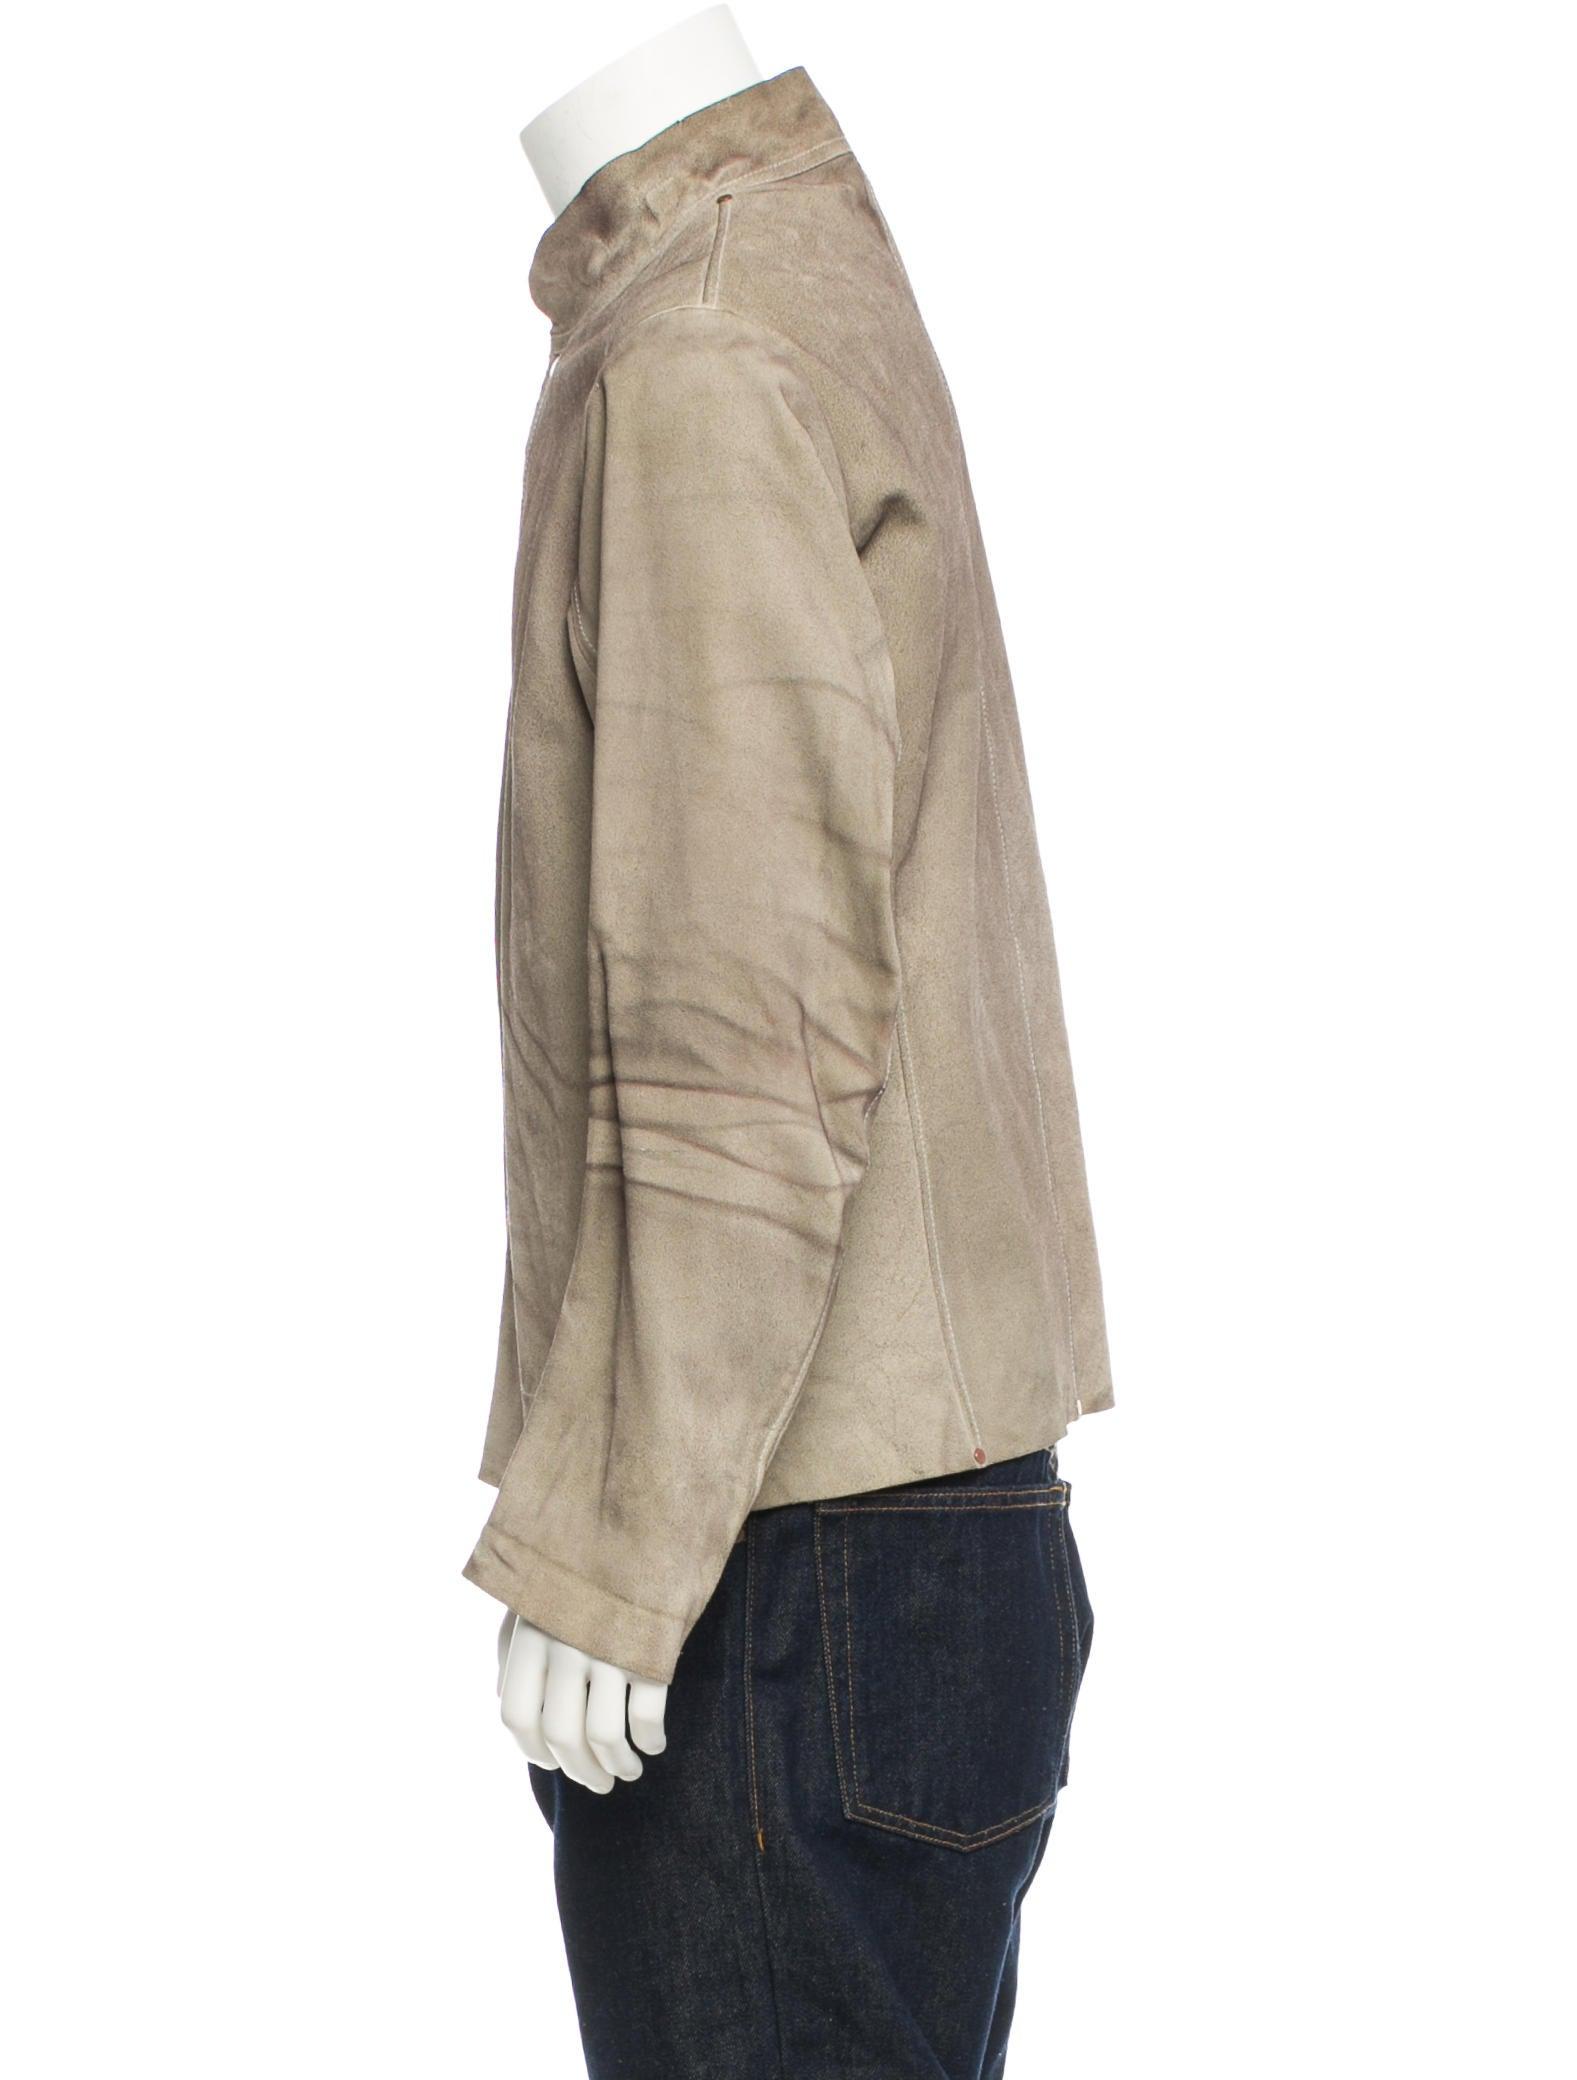 Maison martin margiela jacket clothing mai22692 the for Maison martin margiela